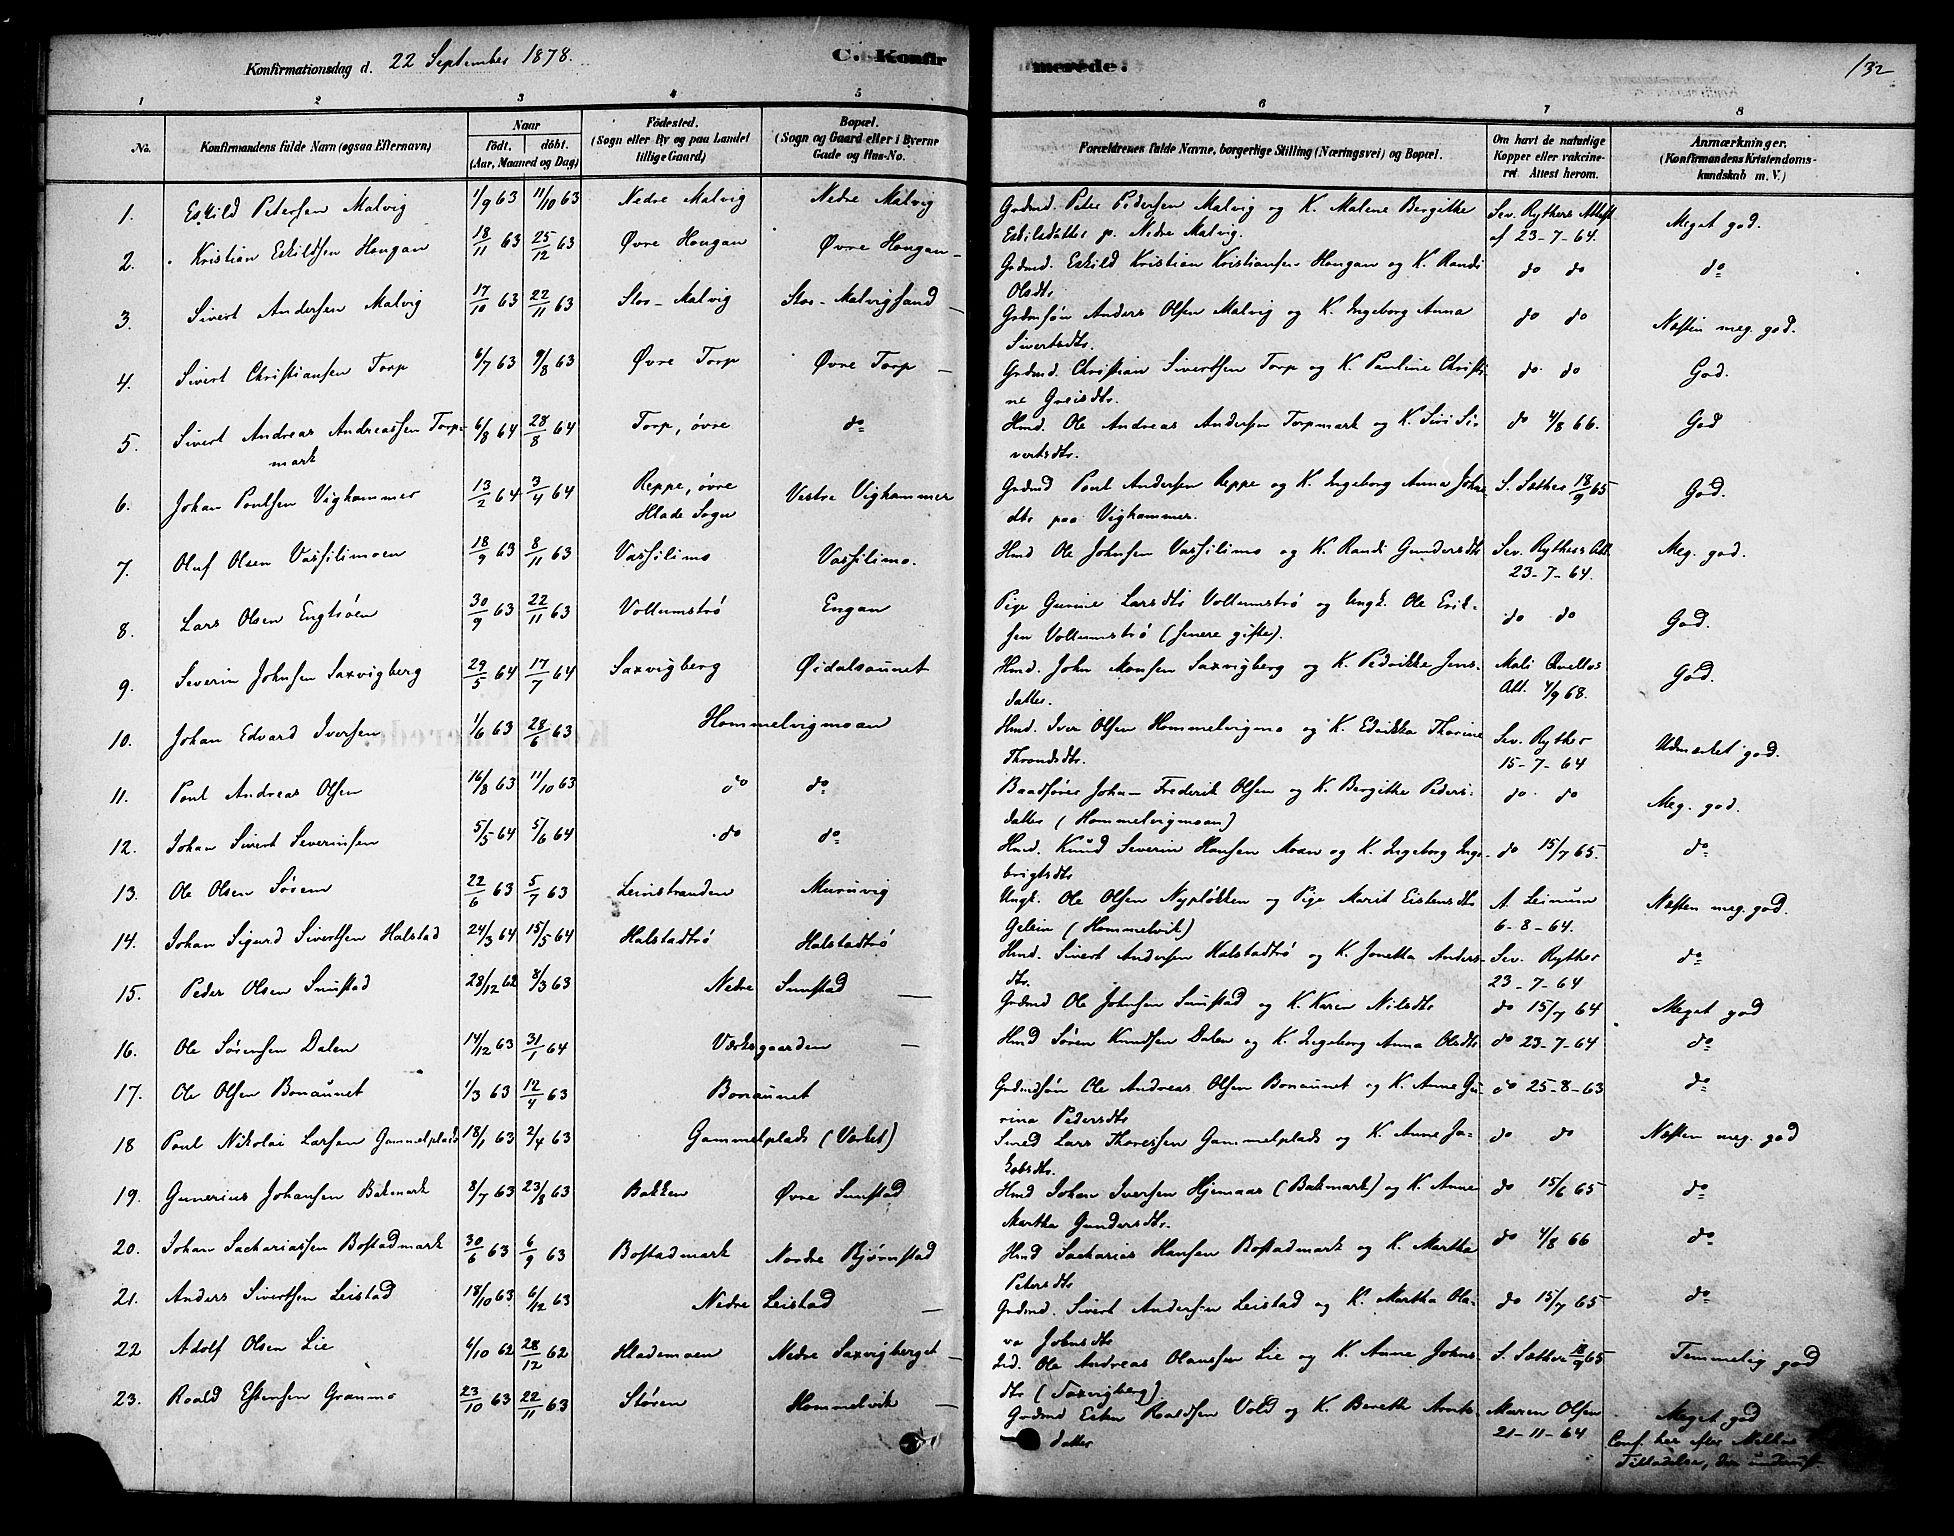 SAT, Ministerialprotokoller, klokkerbøker og fødselsregistre - Sør-Trøndelag, 616/L0410: Ministerialbok nr. 616A07, 1878-1893, s. 132